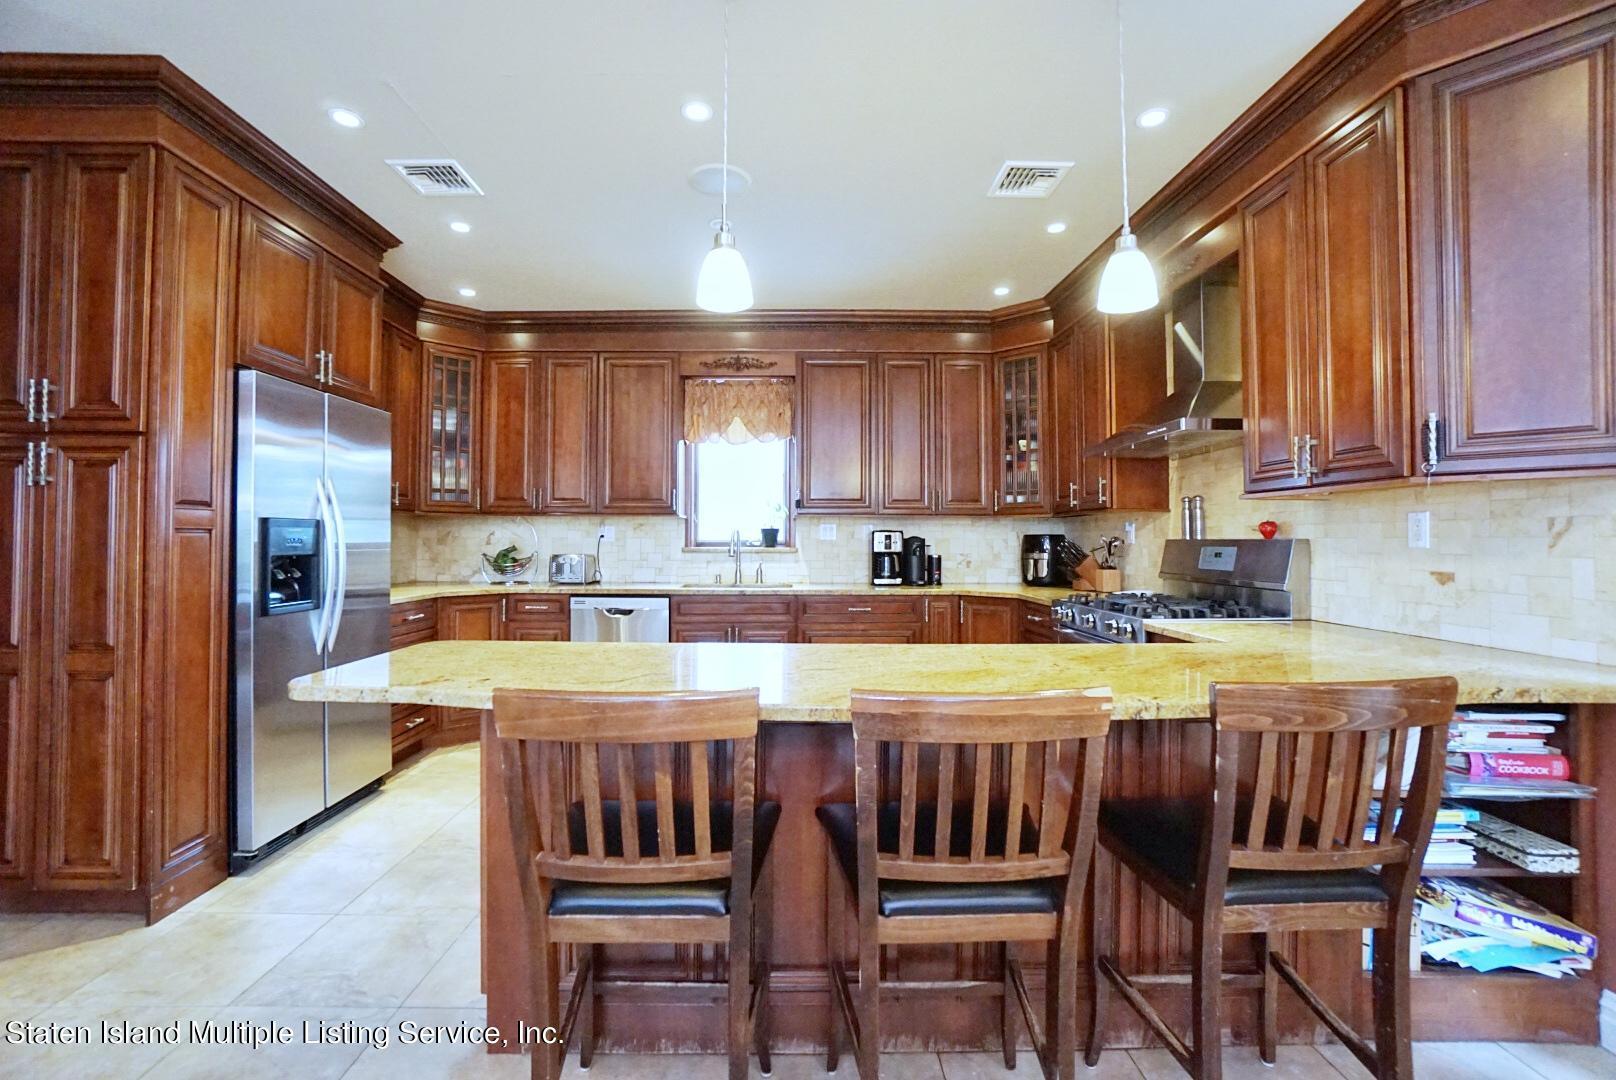 Single Family - Detached 206 Ramapo Avenue  Staten Island, NY 10309, MLS-1147193-16